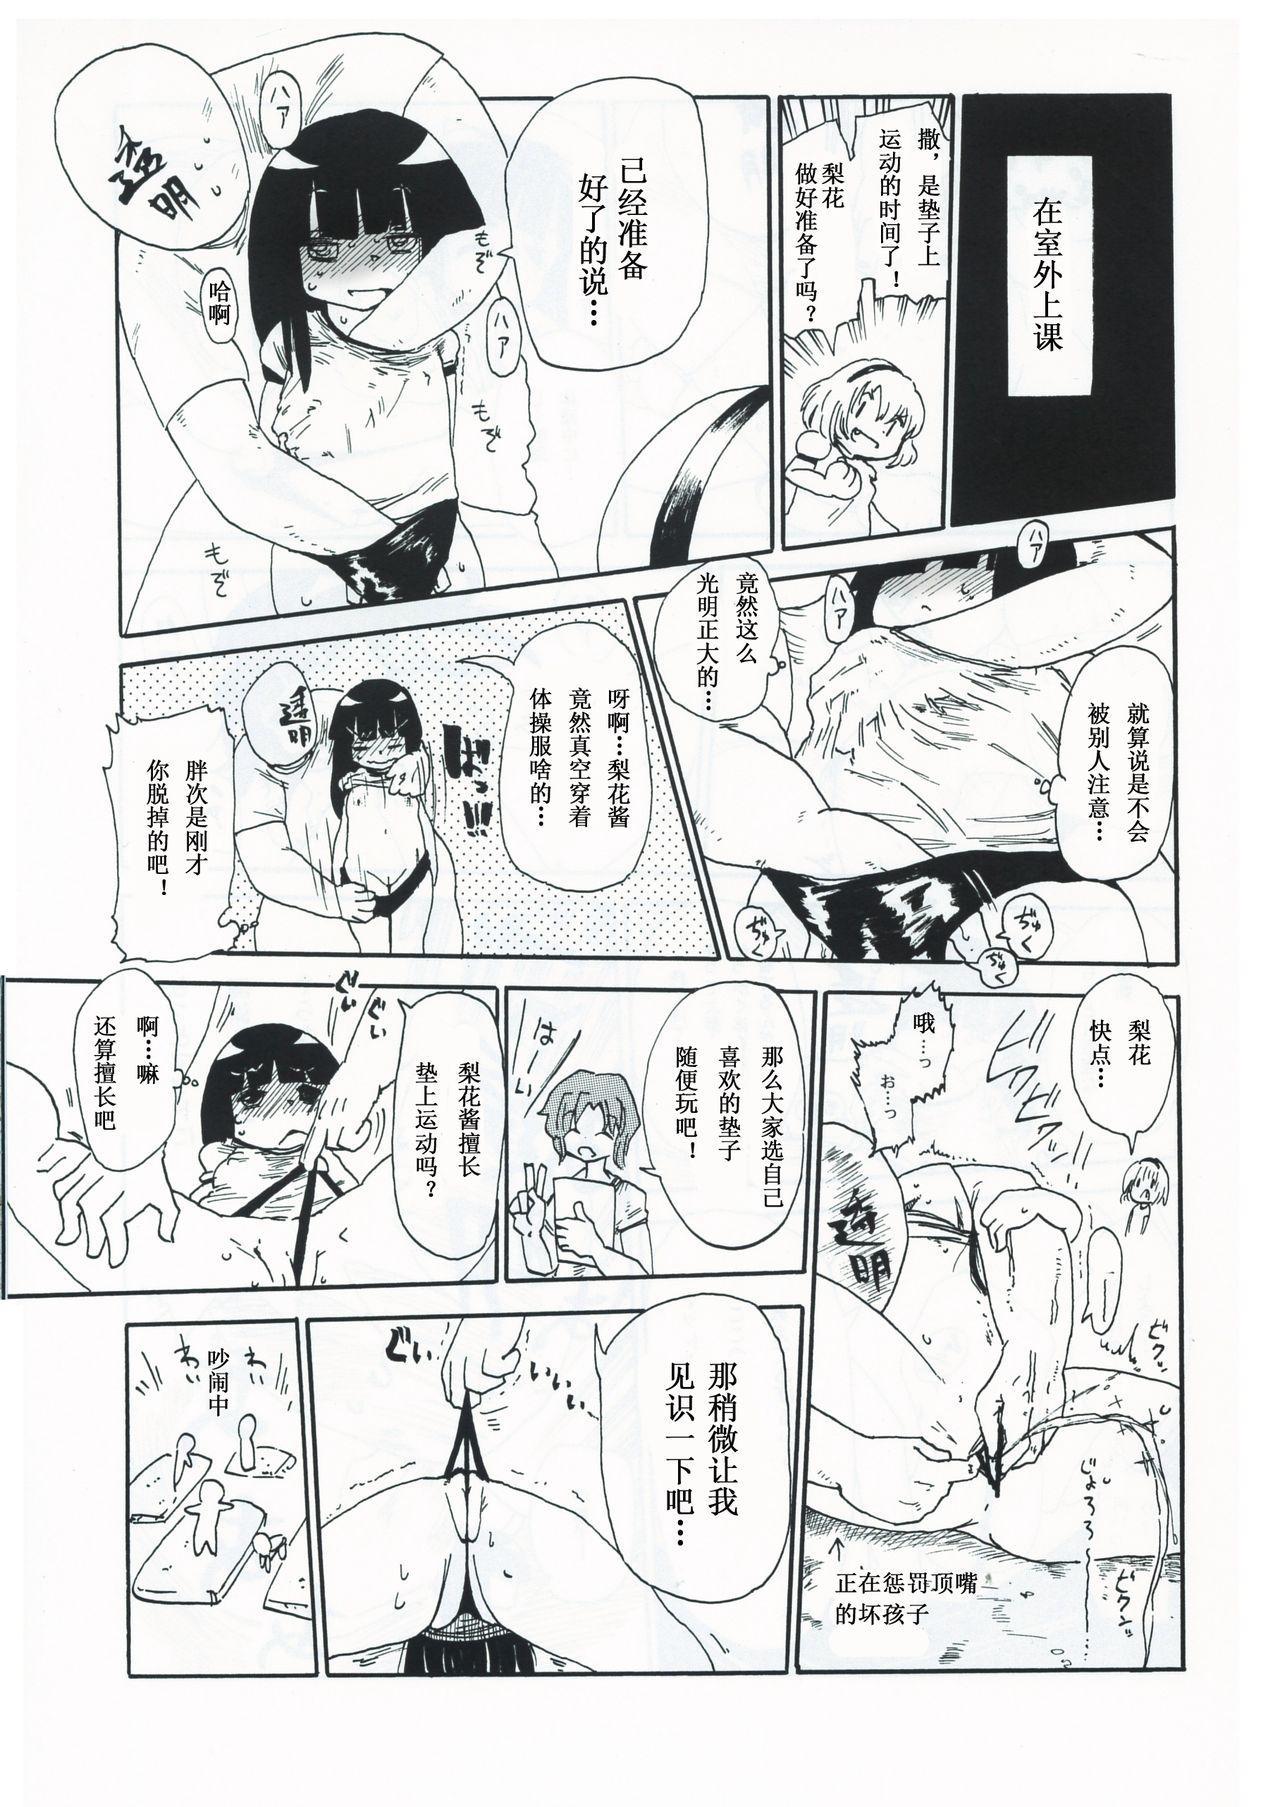 Kiki Kaikai! | 奇奇怪怪 10